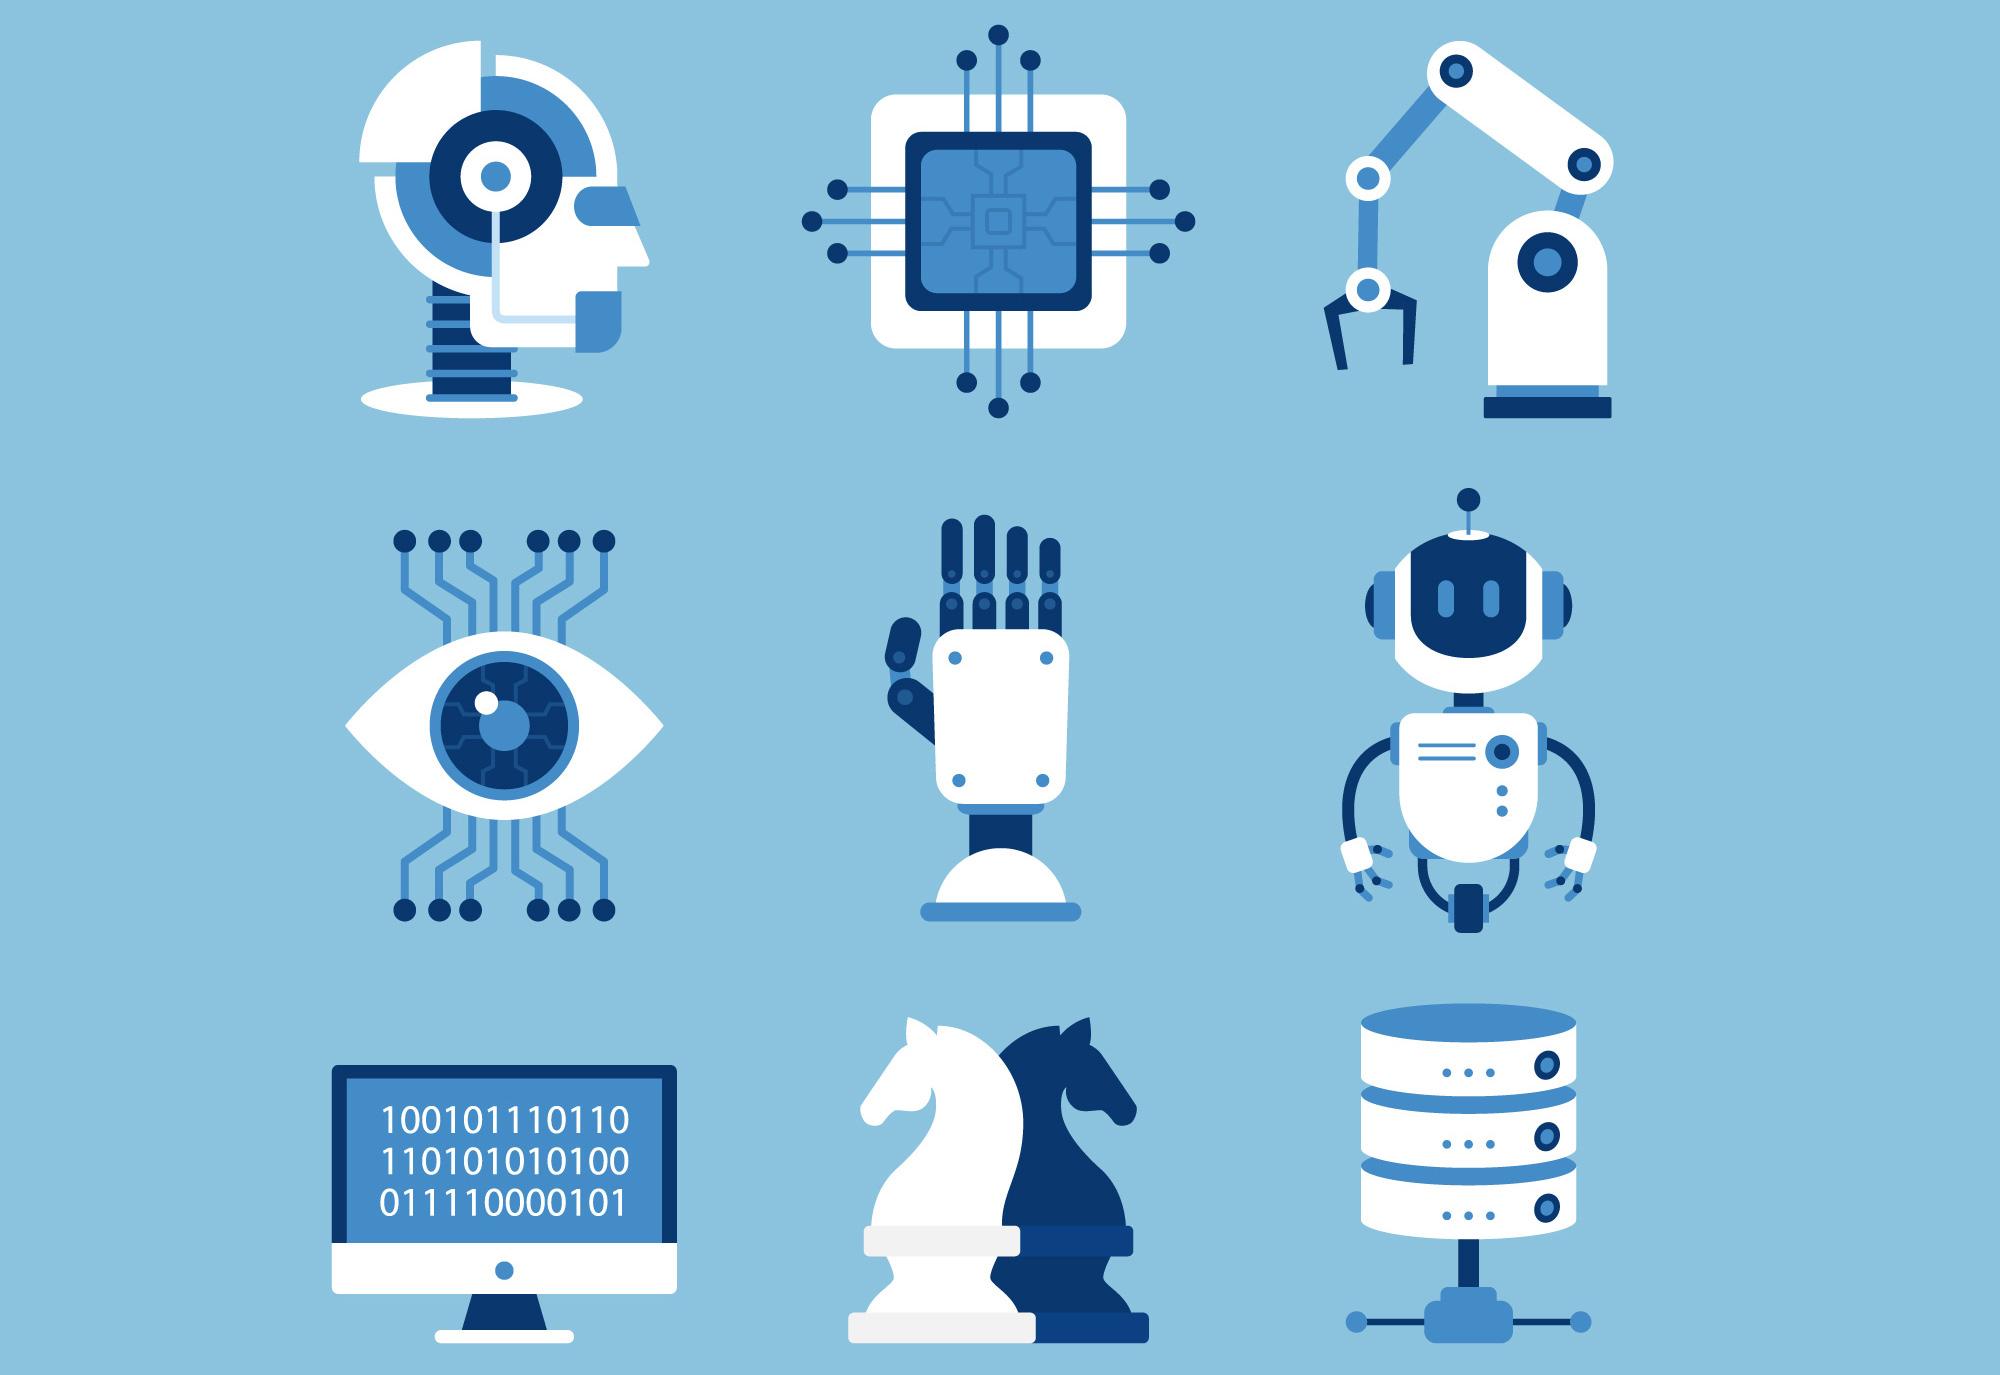 [Перевод] Управление ИТ-услугами (ITSM) стало еще эффективнее благодаря средствам машинного обучения